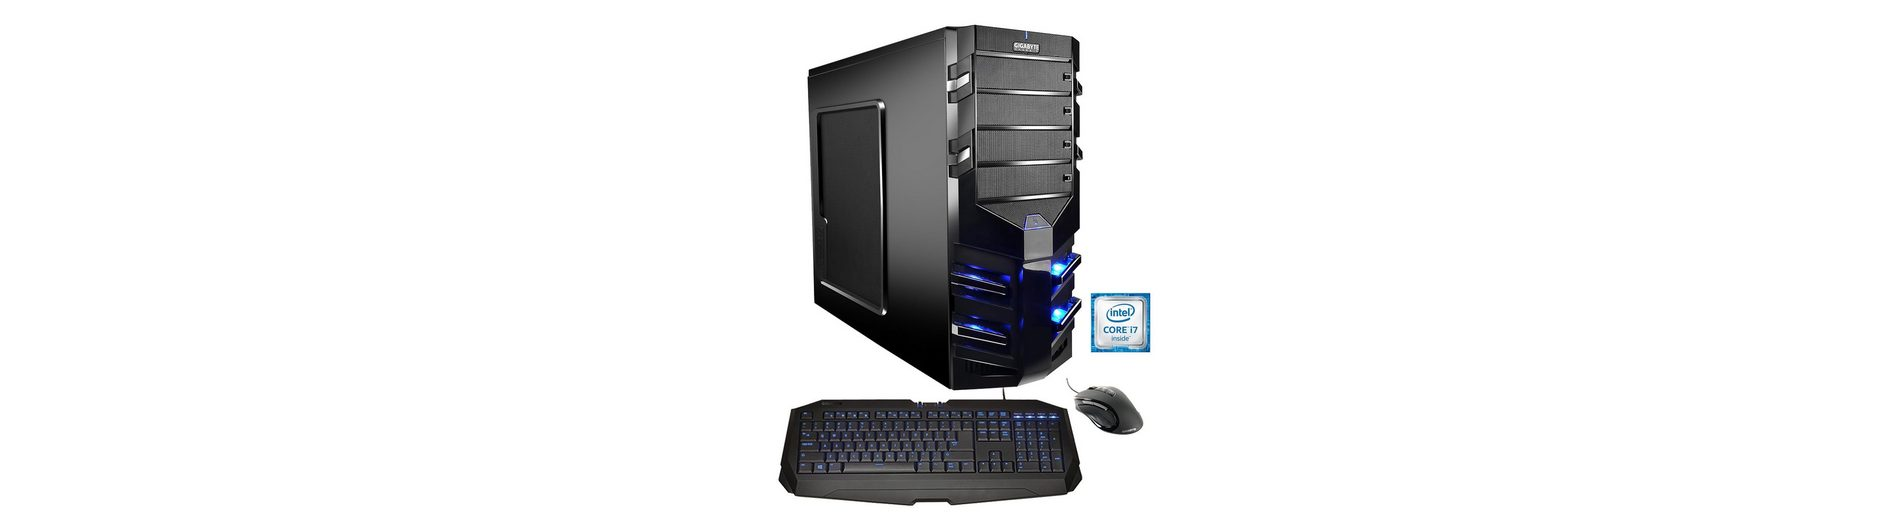 Hyrican Gaming PC Intel® i7-6700, 16GB, SSD + HDD, GeForce® GTX 980 Ti »Alpha Gaming 5034«